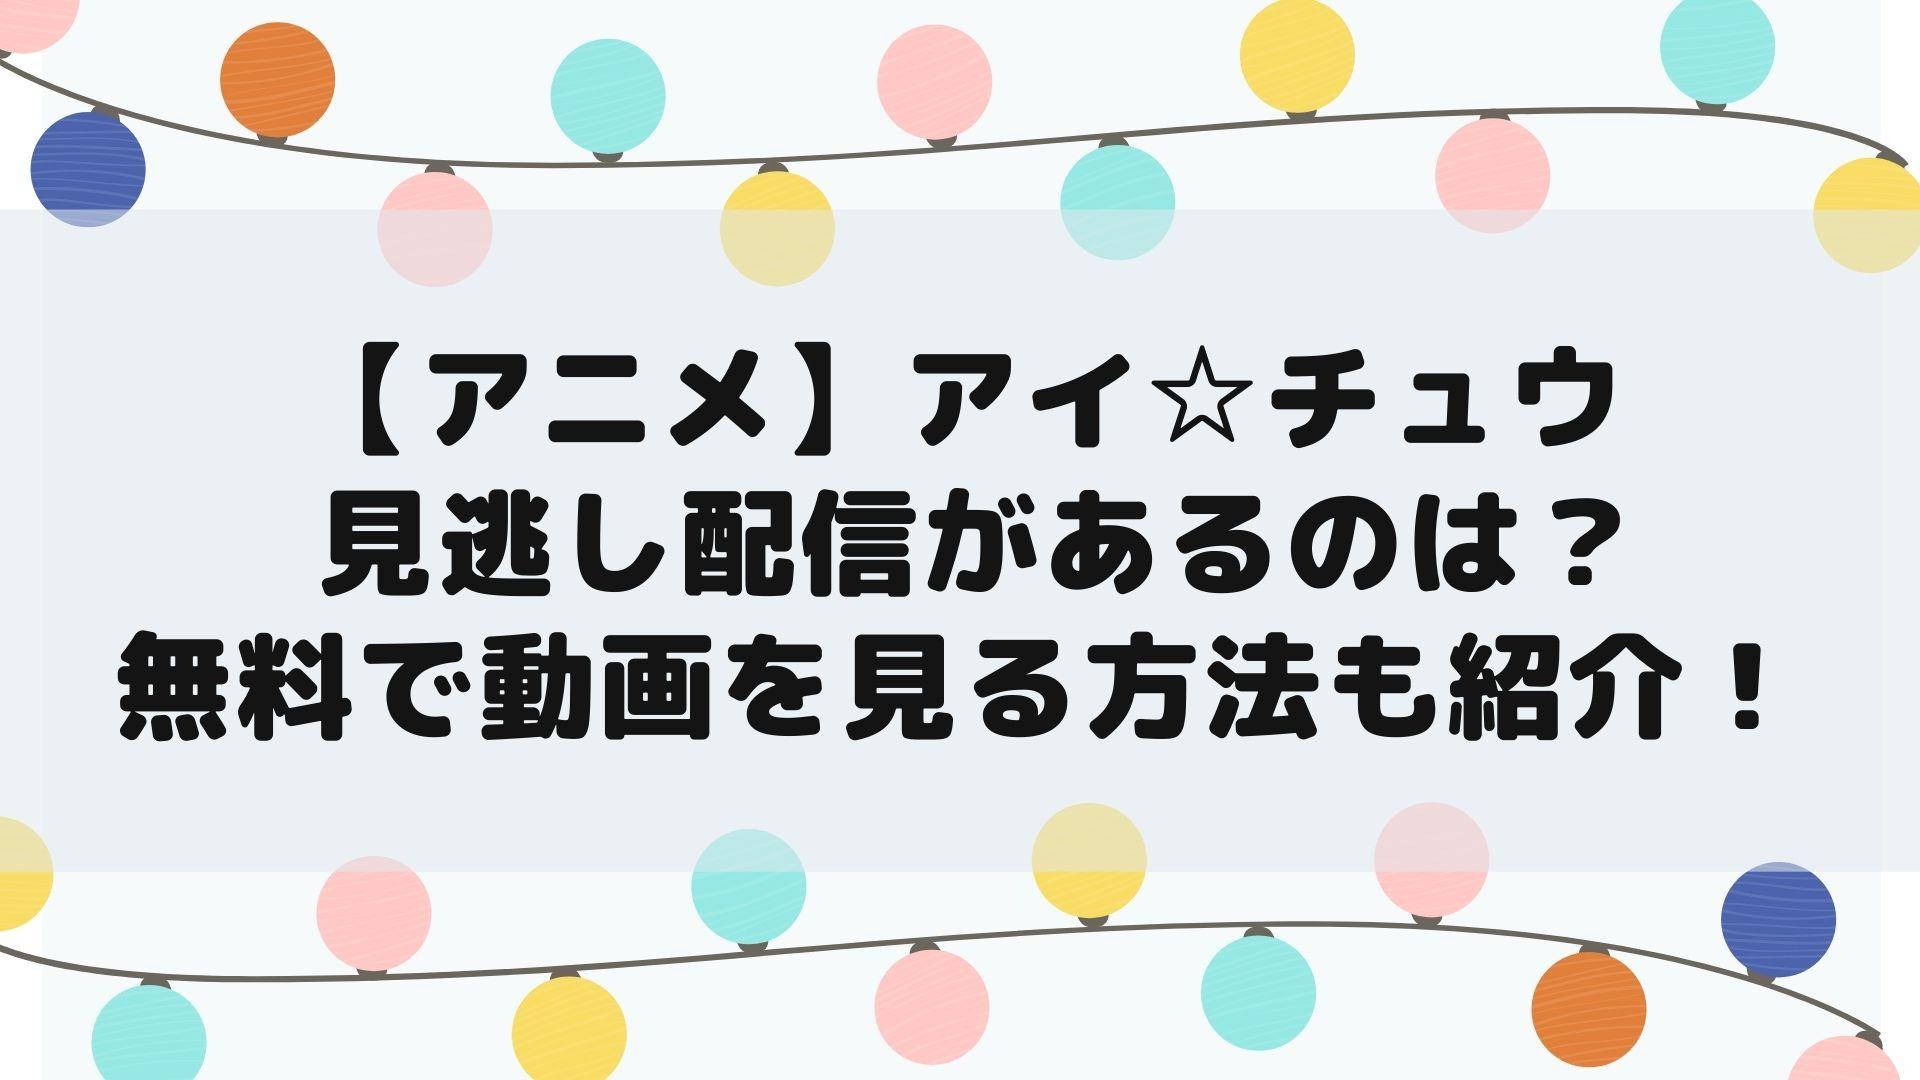 【アニメ】アイ☆チュウ の見逃し配信があるのは?無料で動画を見る方法も紹介!タイトル画像